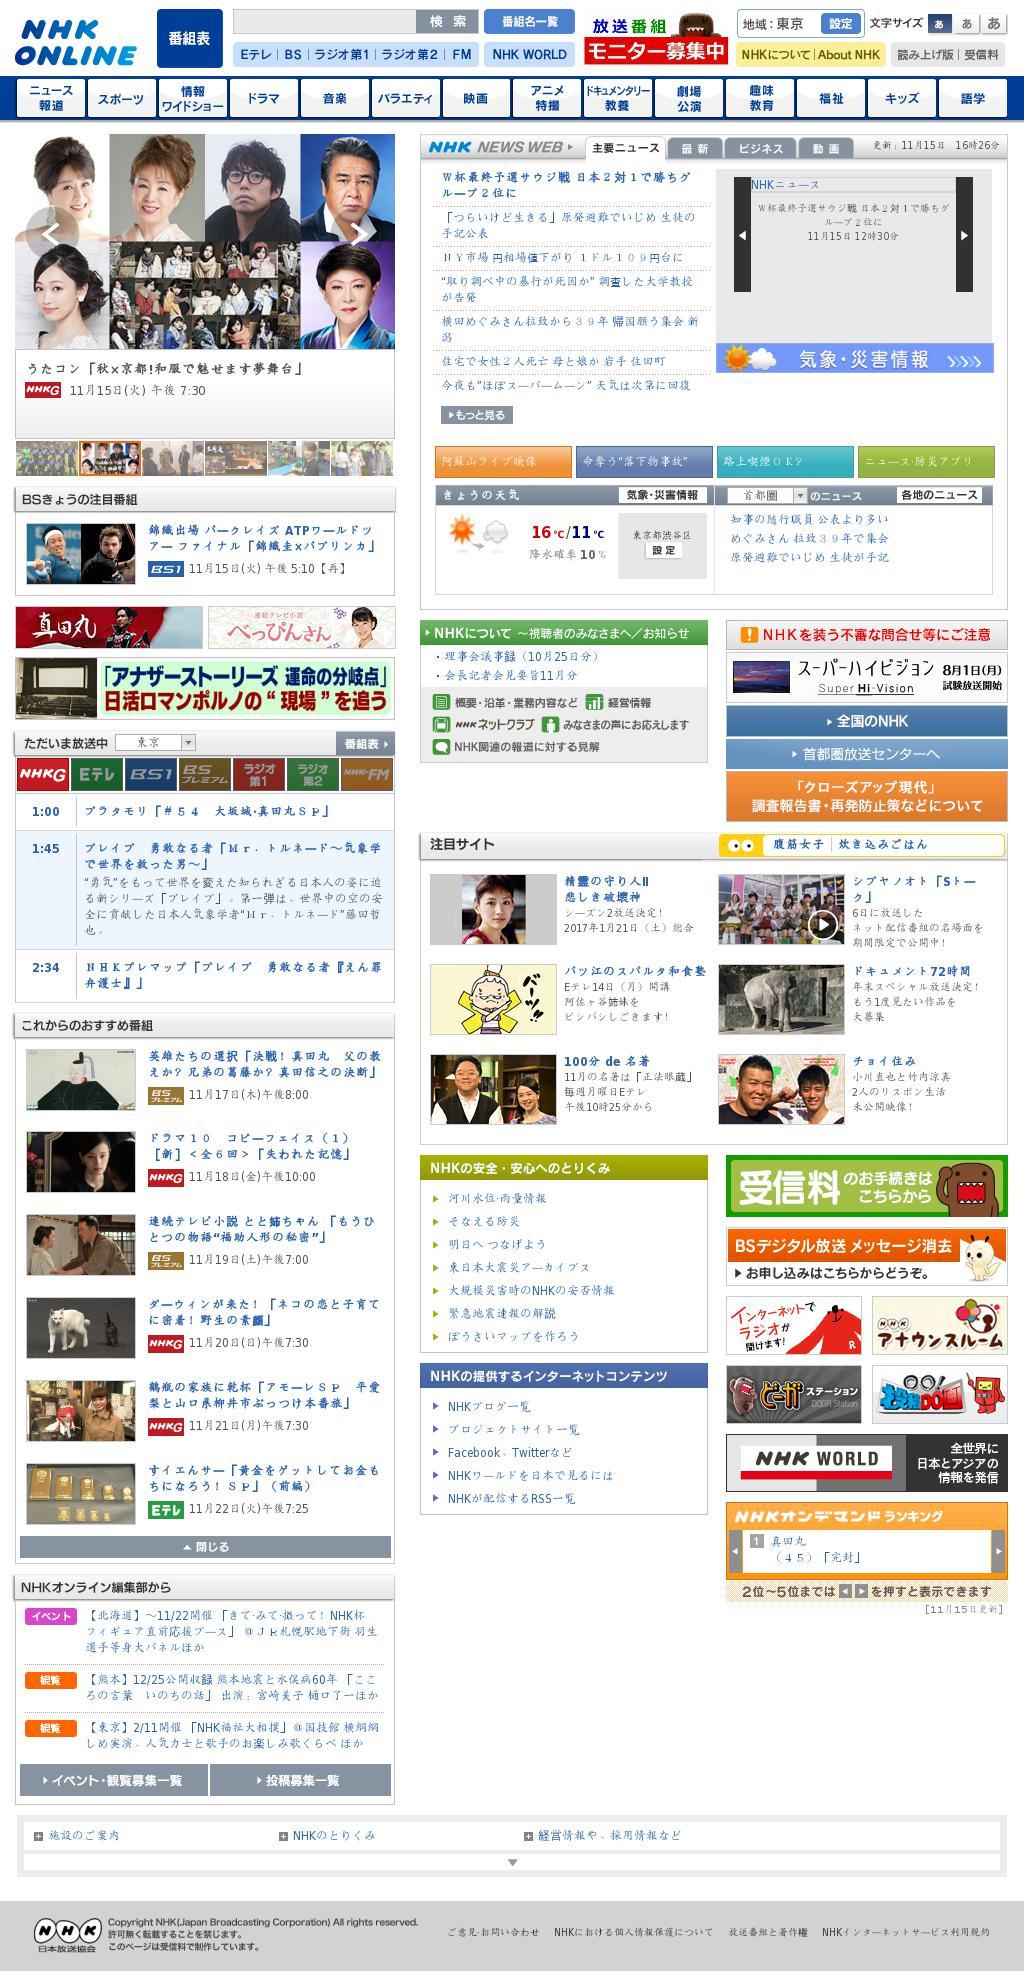 NHK Online at Tuesday Nov. 15, 2016, 5:11 p.m. UTC